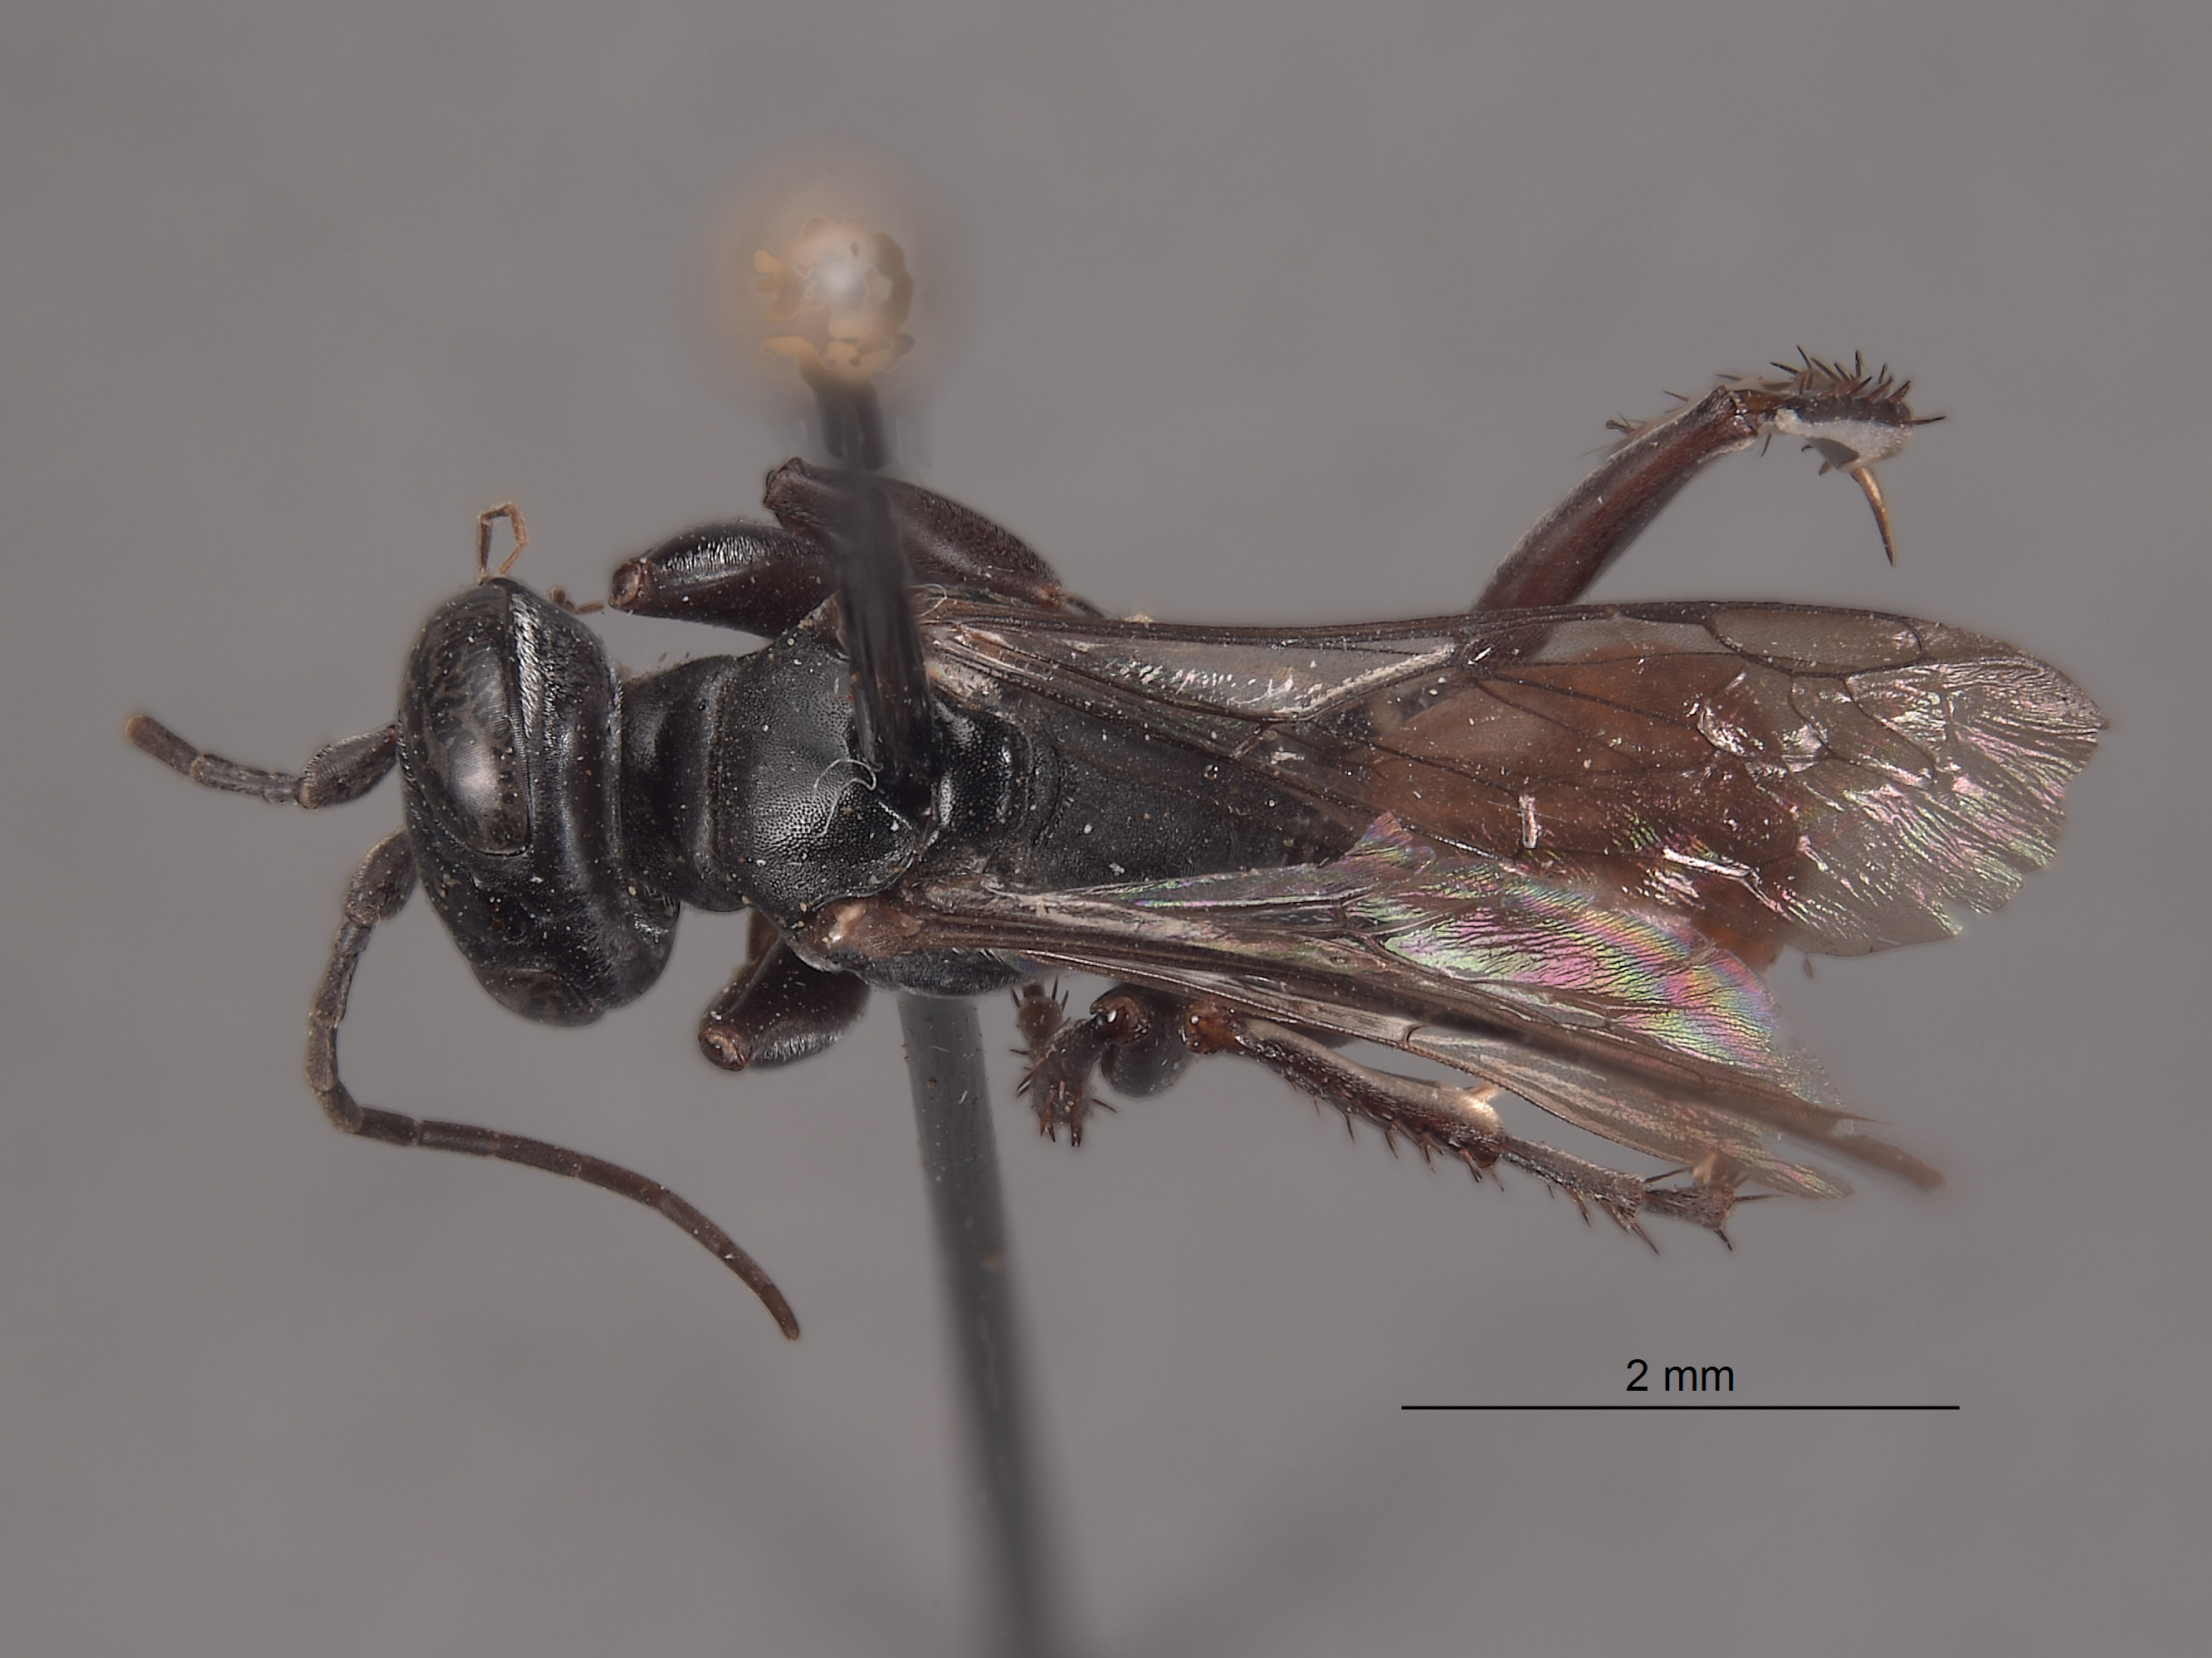 Larropsis granulosa image